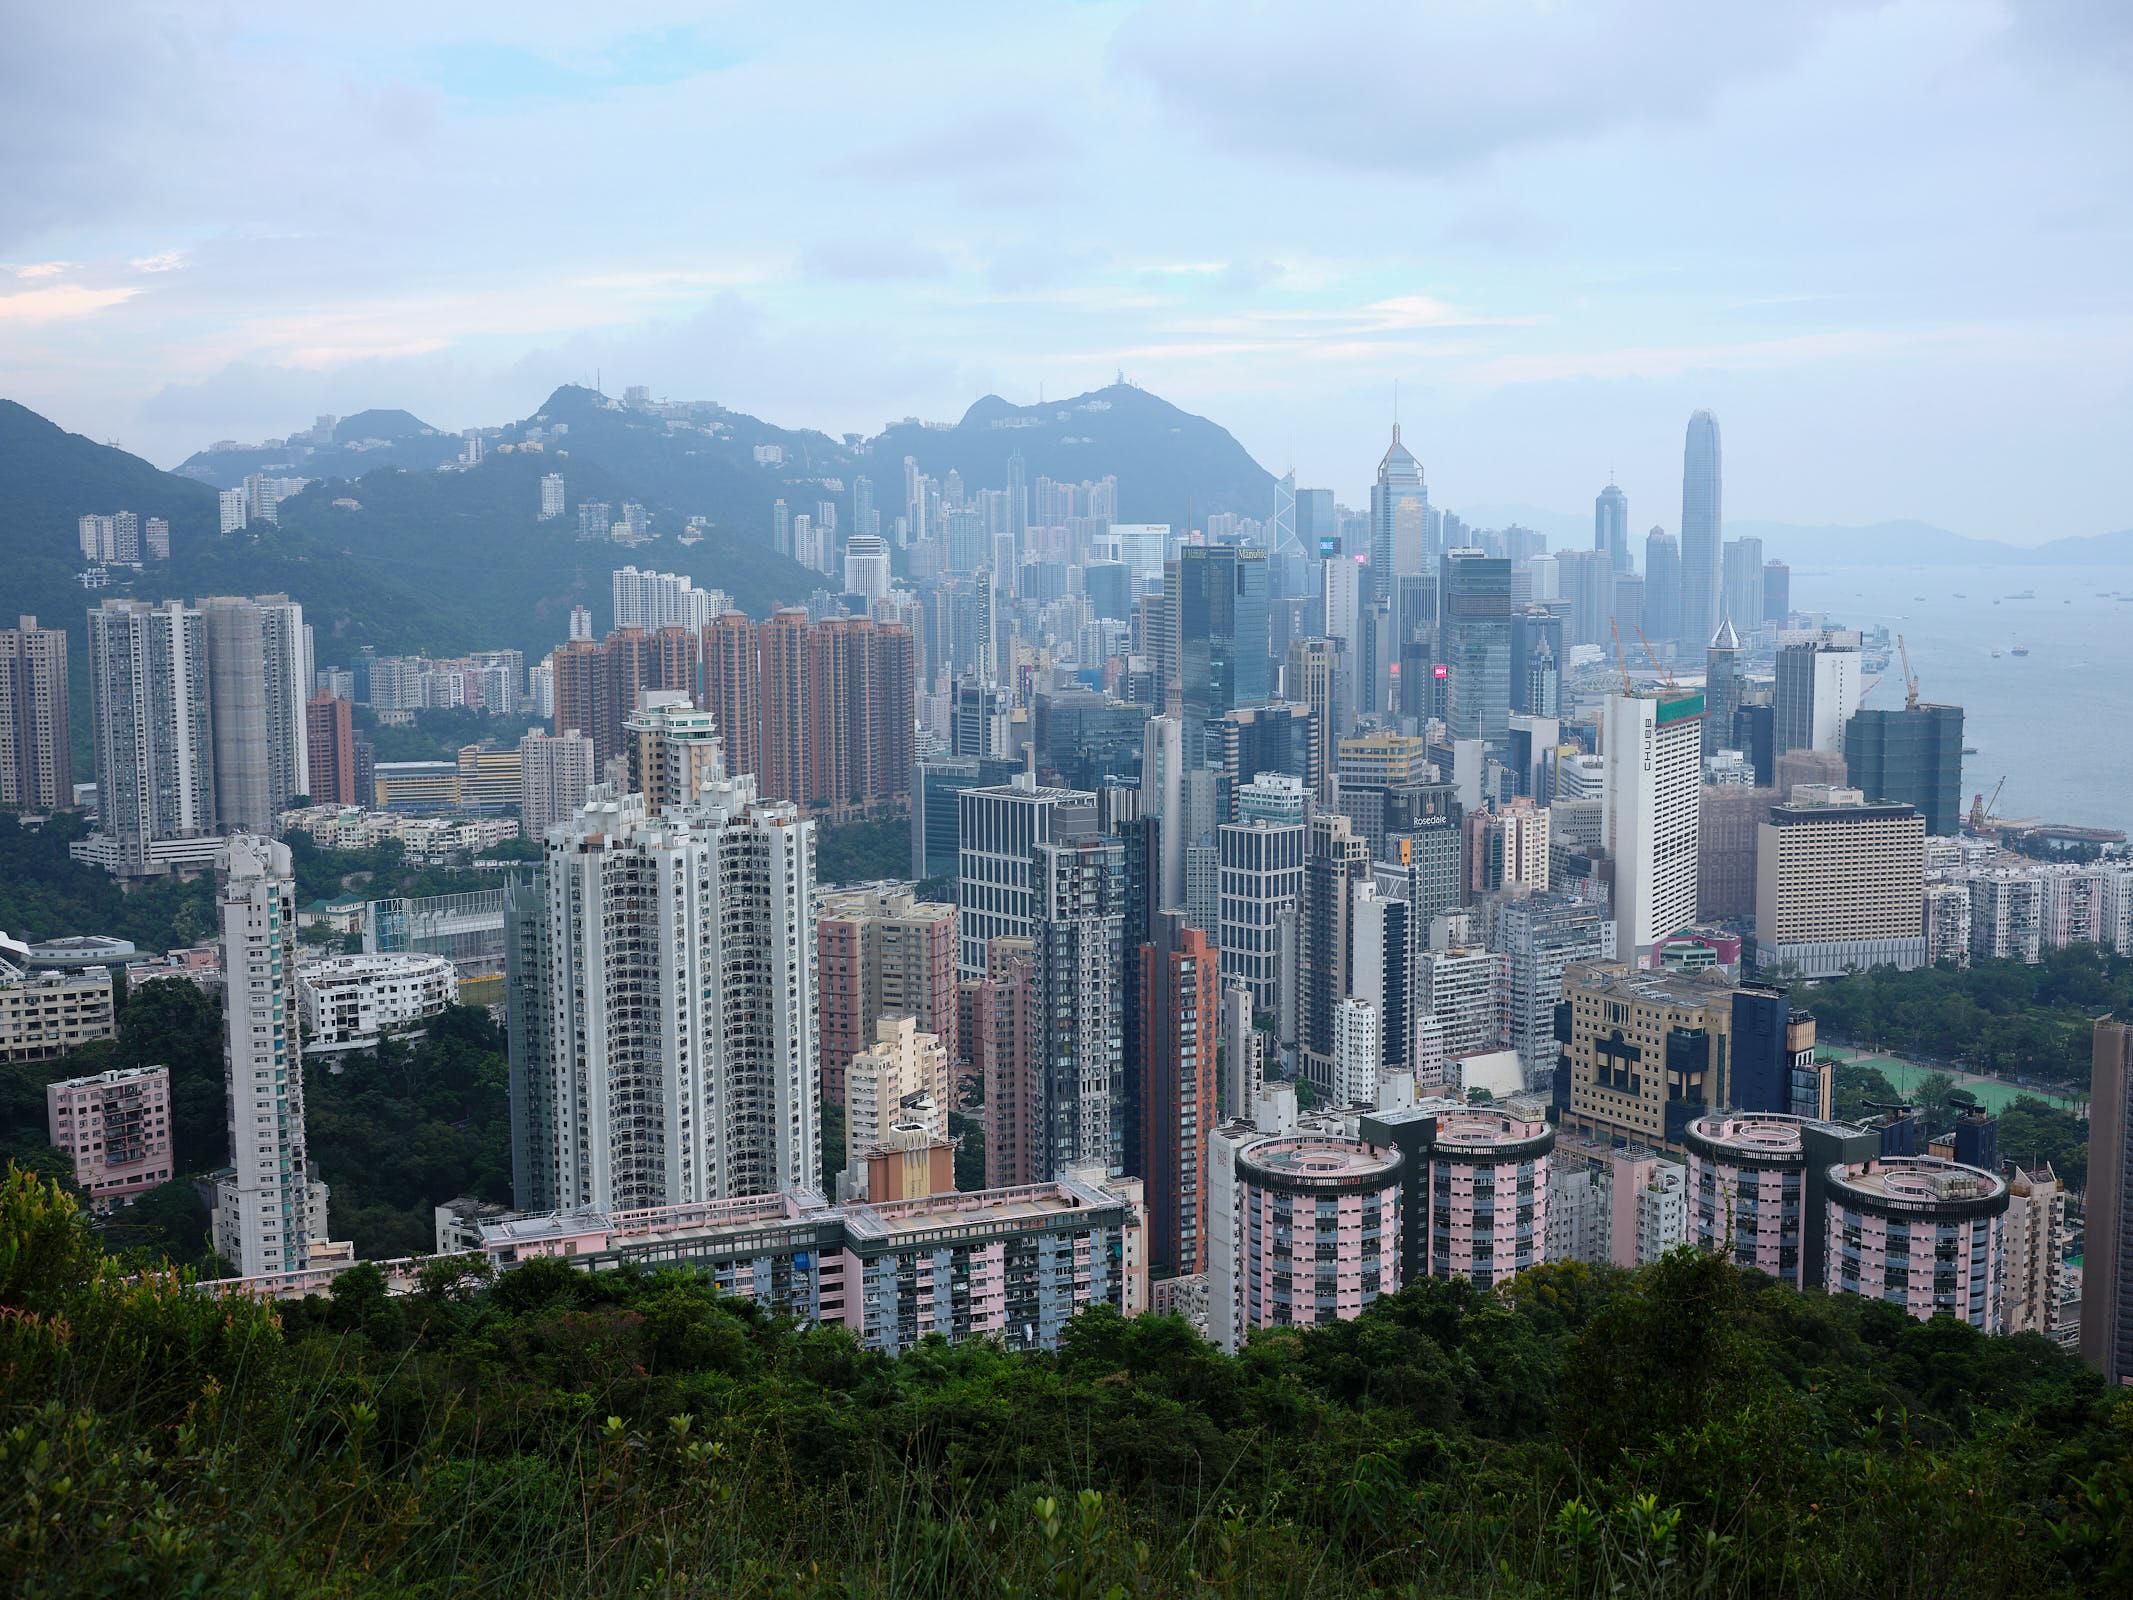 Hong Kong from Braemer Hill